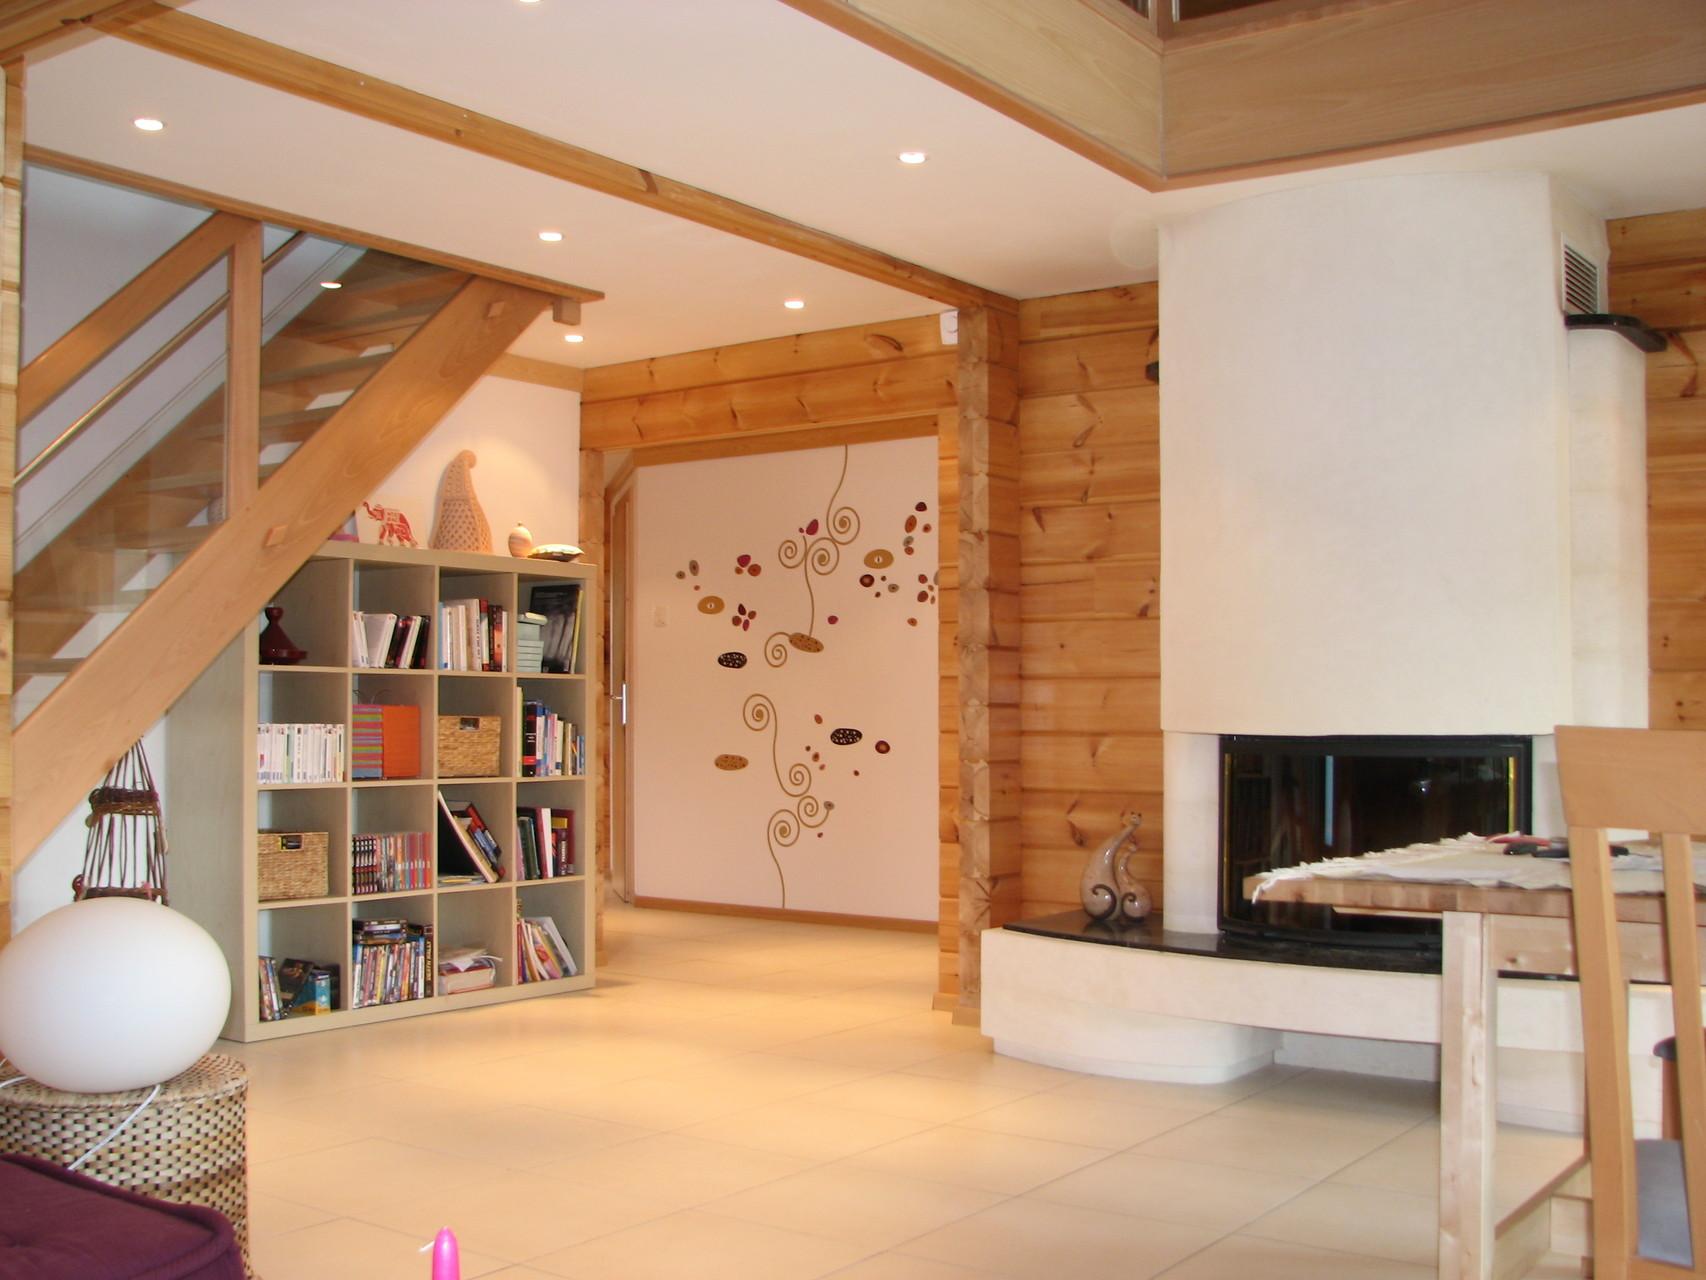 Beautiful interieur maison bois contemporaine ideas for Maison interieur bois